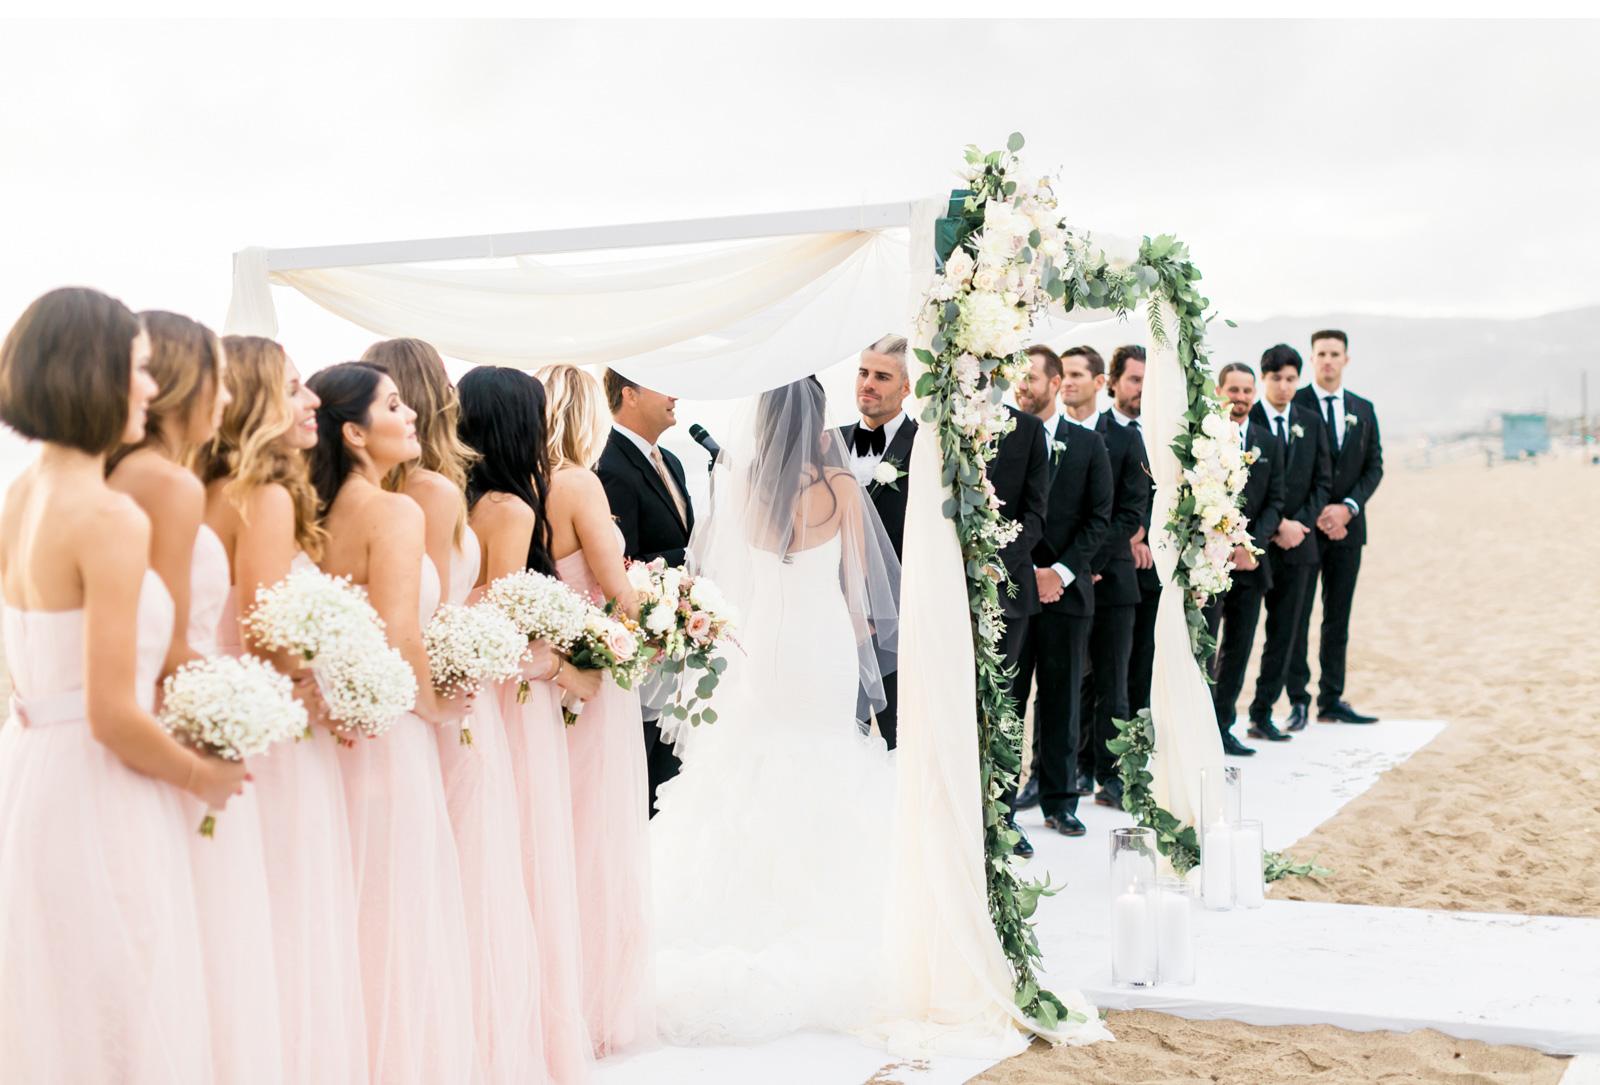 Southern-California-Fine-Art-Wedding-Photographer-Natalie-Schutt-Photography_05.jpg